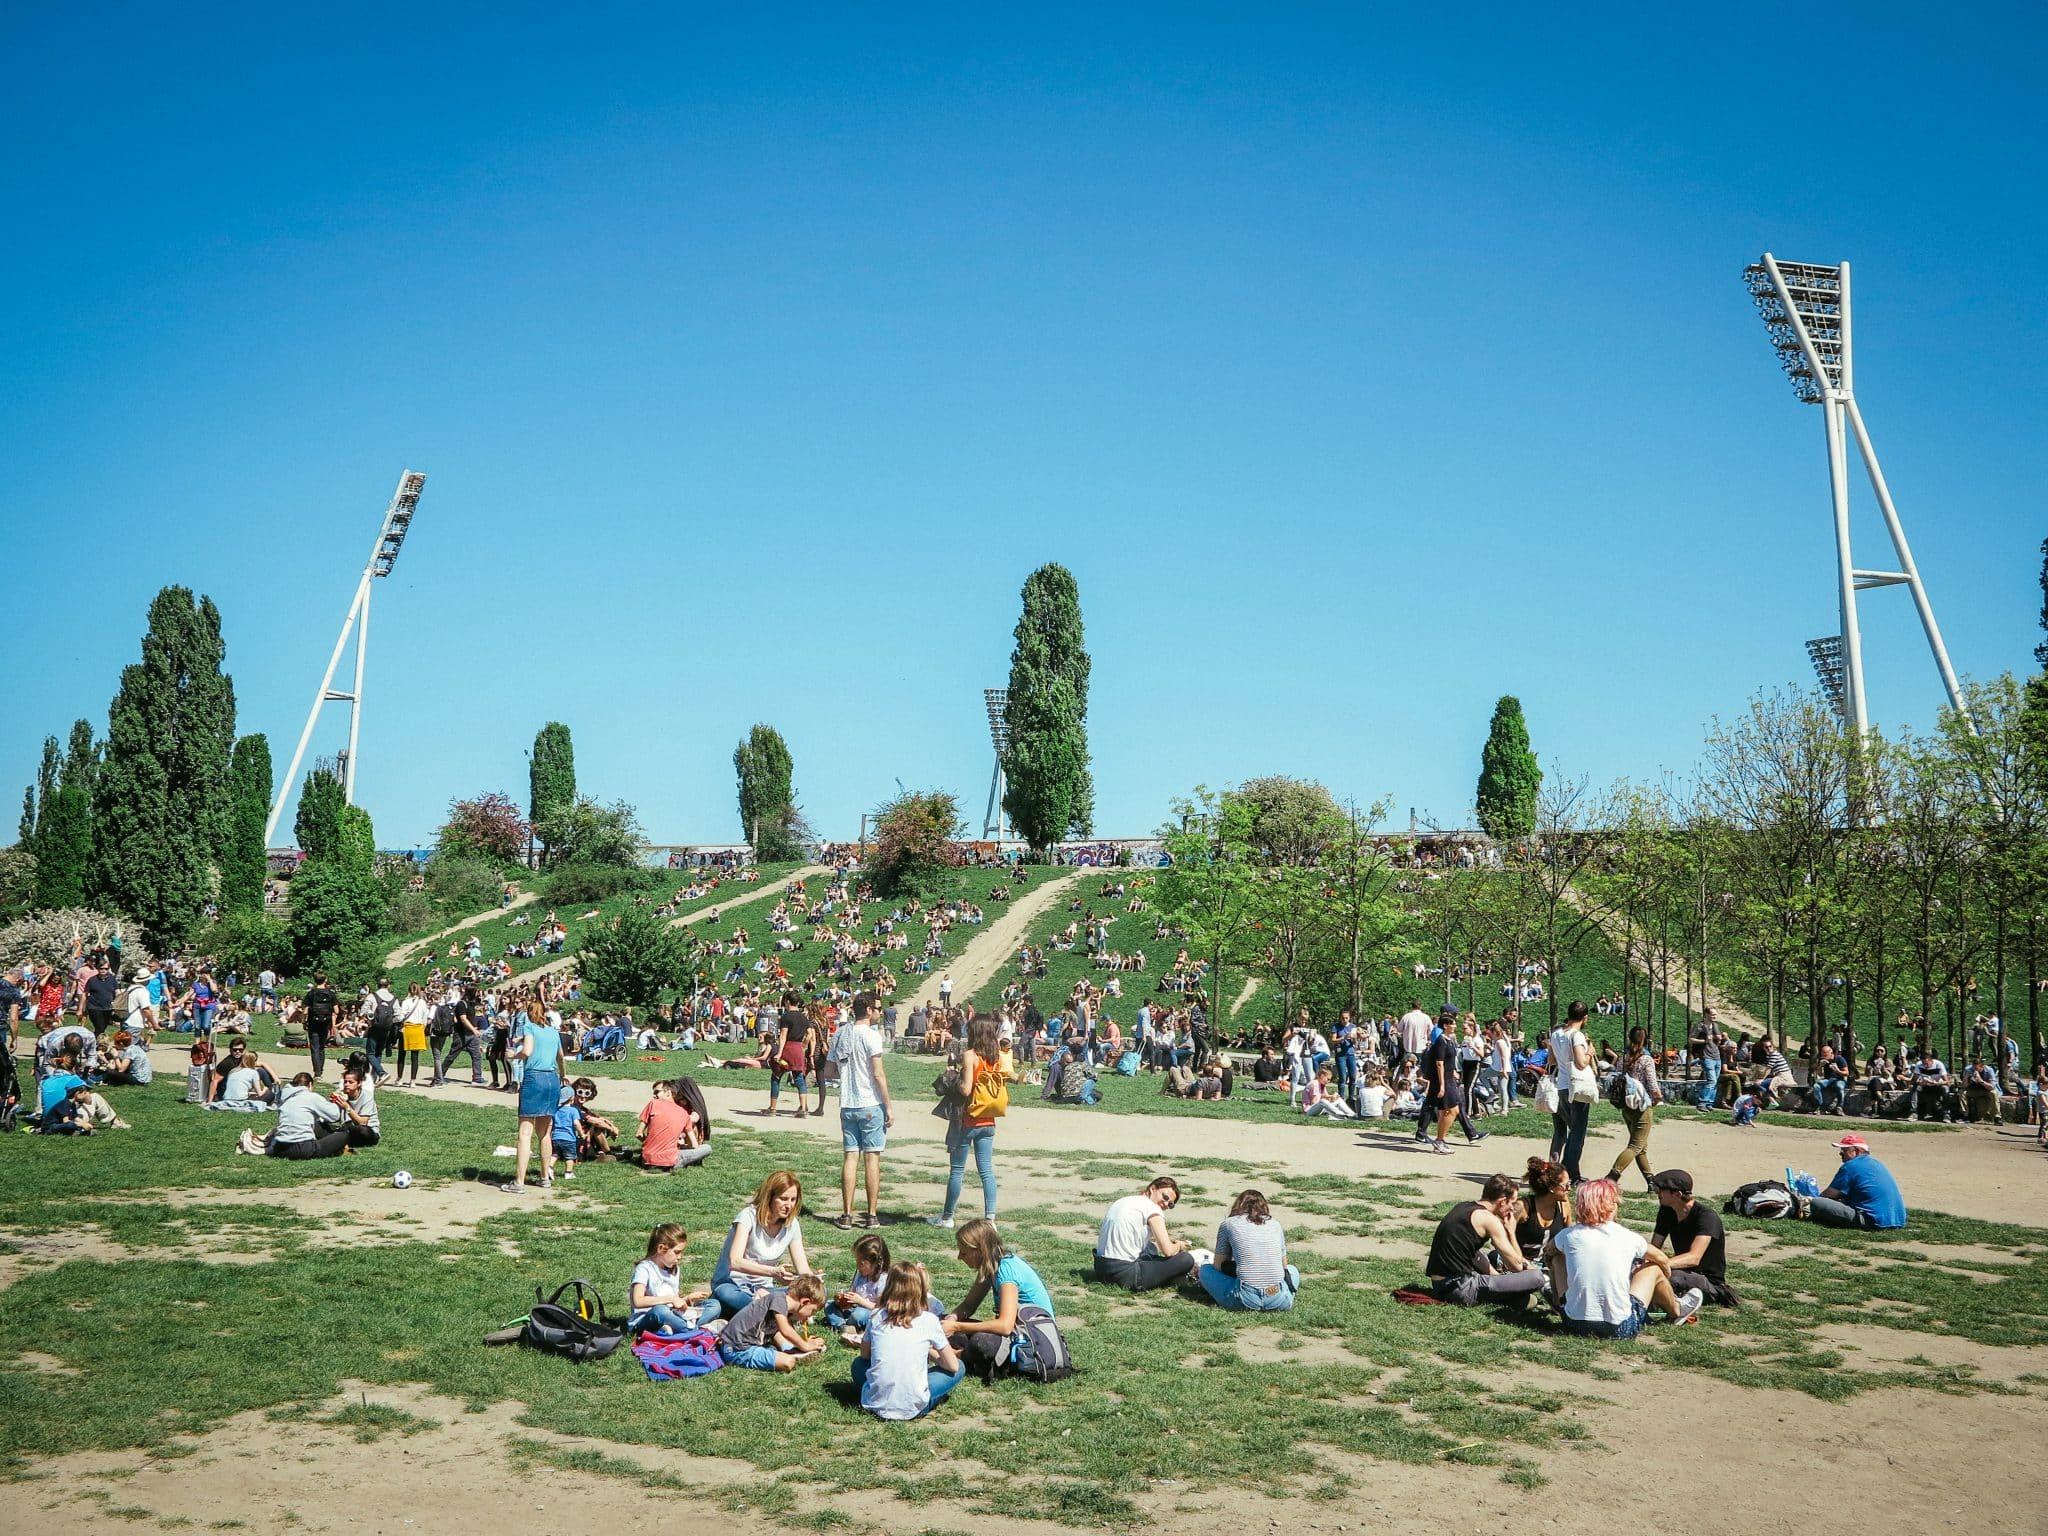 Mauerpark in Prenzlauer Berg